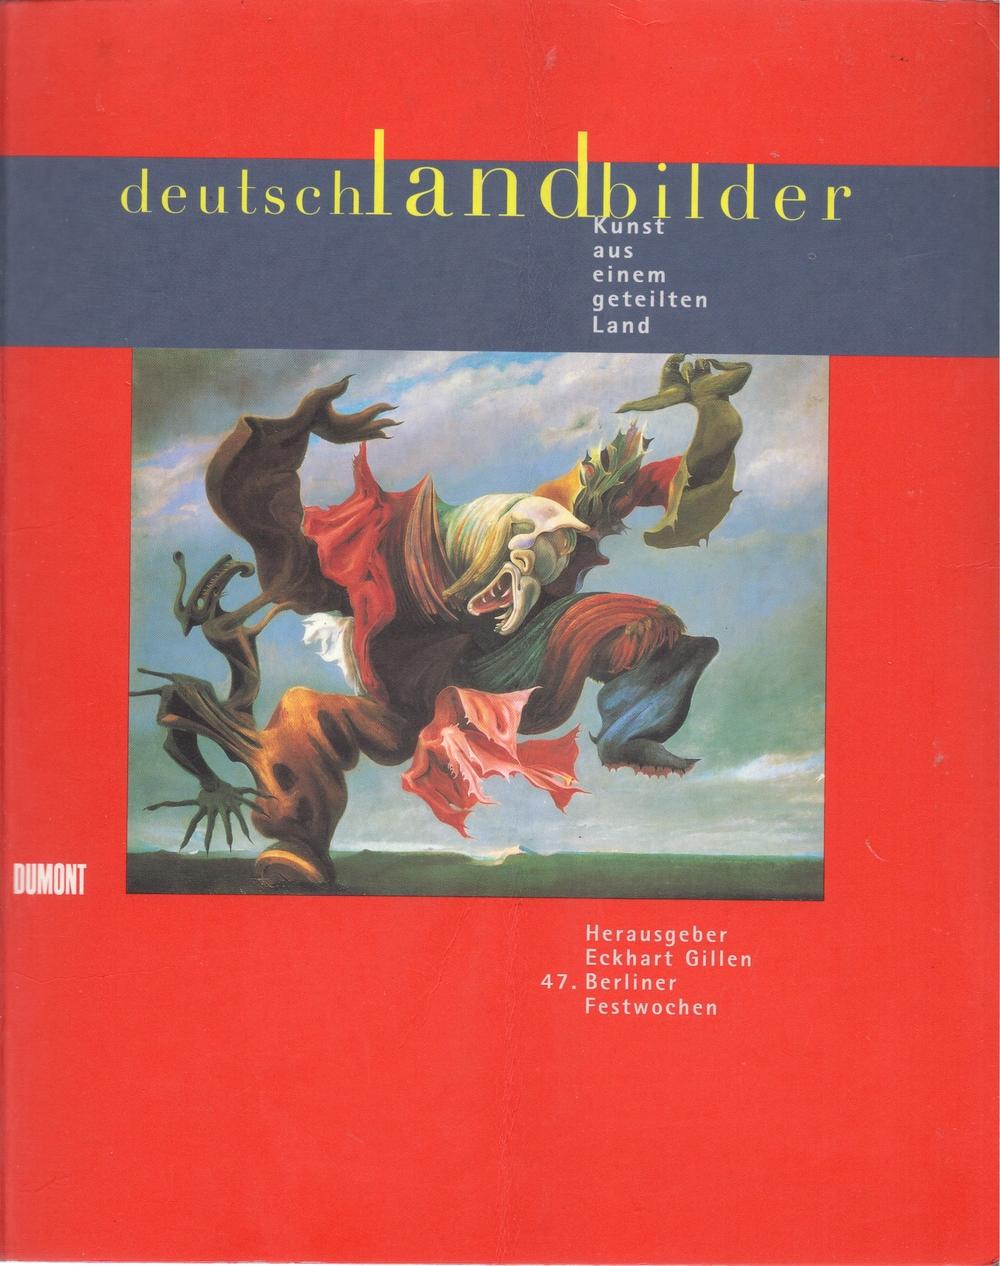 Deutschlandbilder - Kunst aus einem geteilten Land , Dumont, 1997